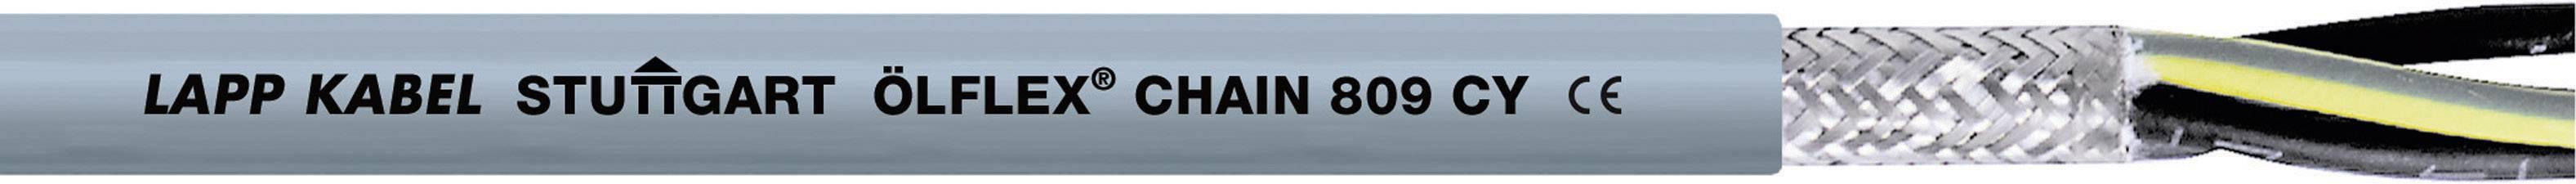 Žíla kabelu LappKabel ÖLFLEX CHAIN 809 CY 3G2,5 (1026783), 3x 2,5 mm², PVC, Ø 9 mm, stíněný, 1 m, šedá